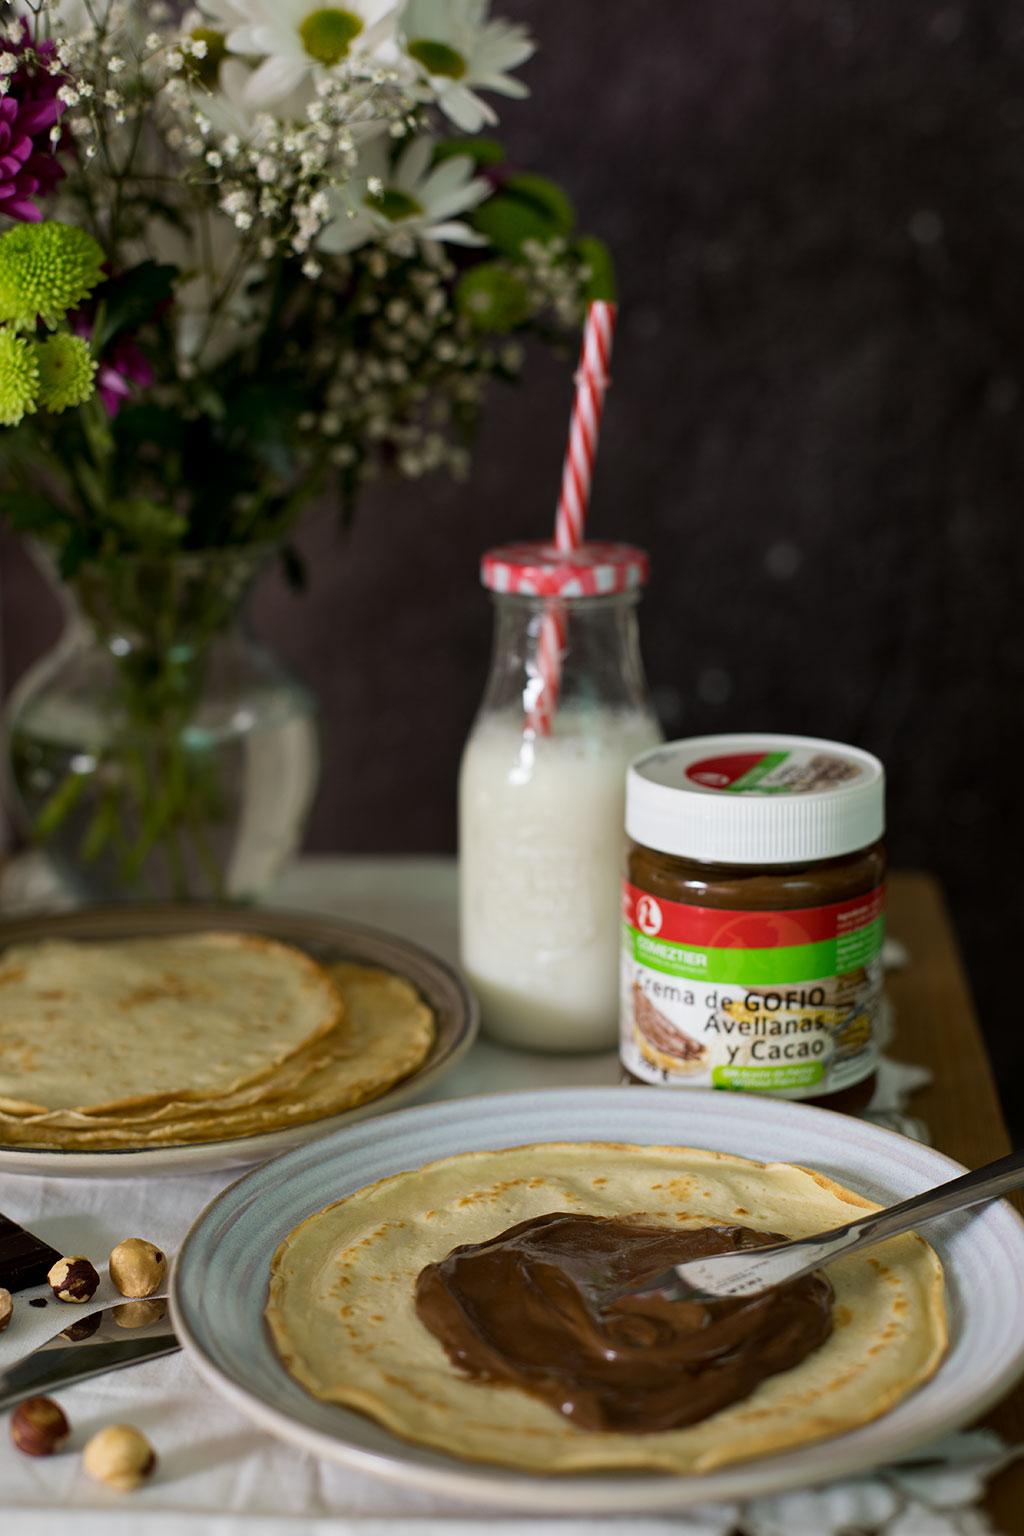 crema de gofio, avellanas y cacao Comeztier